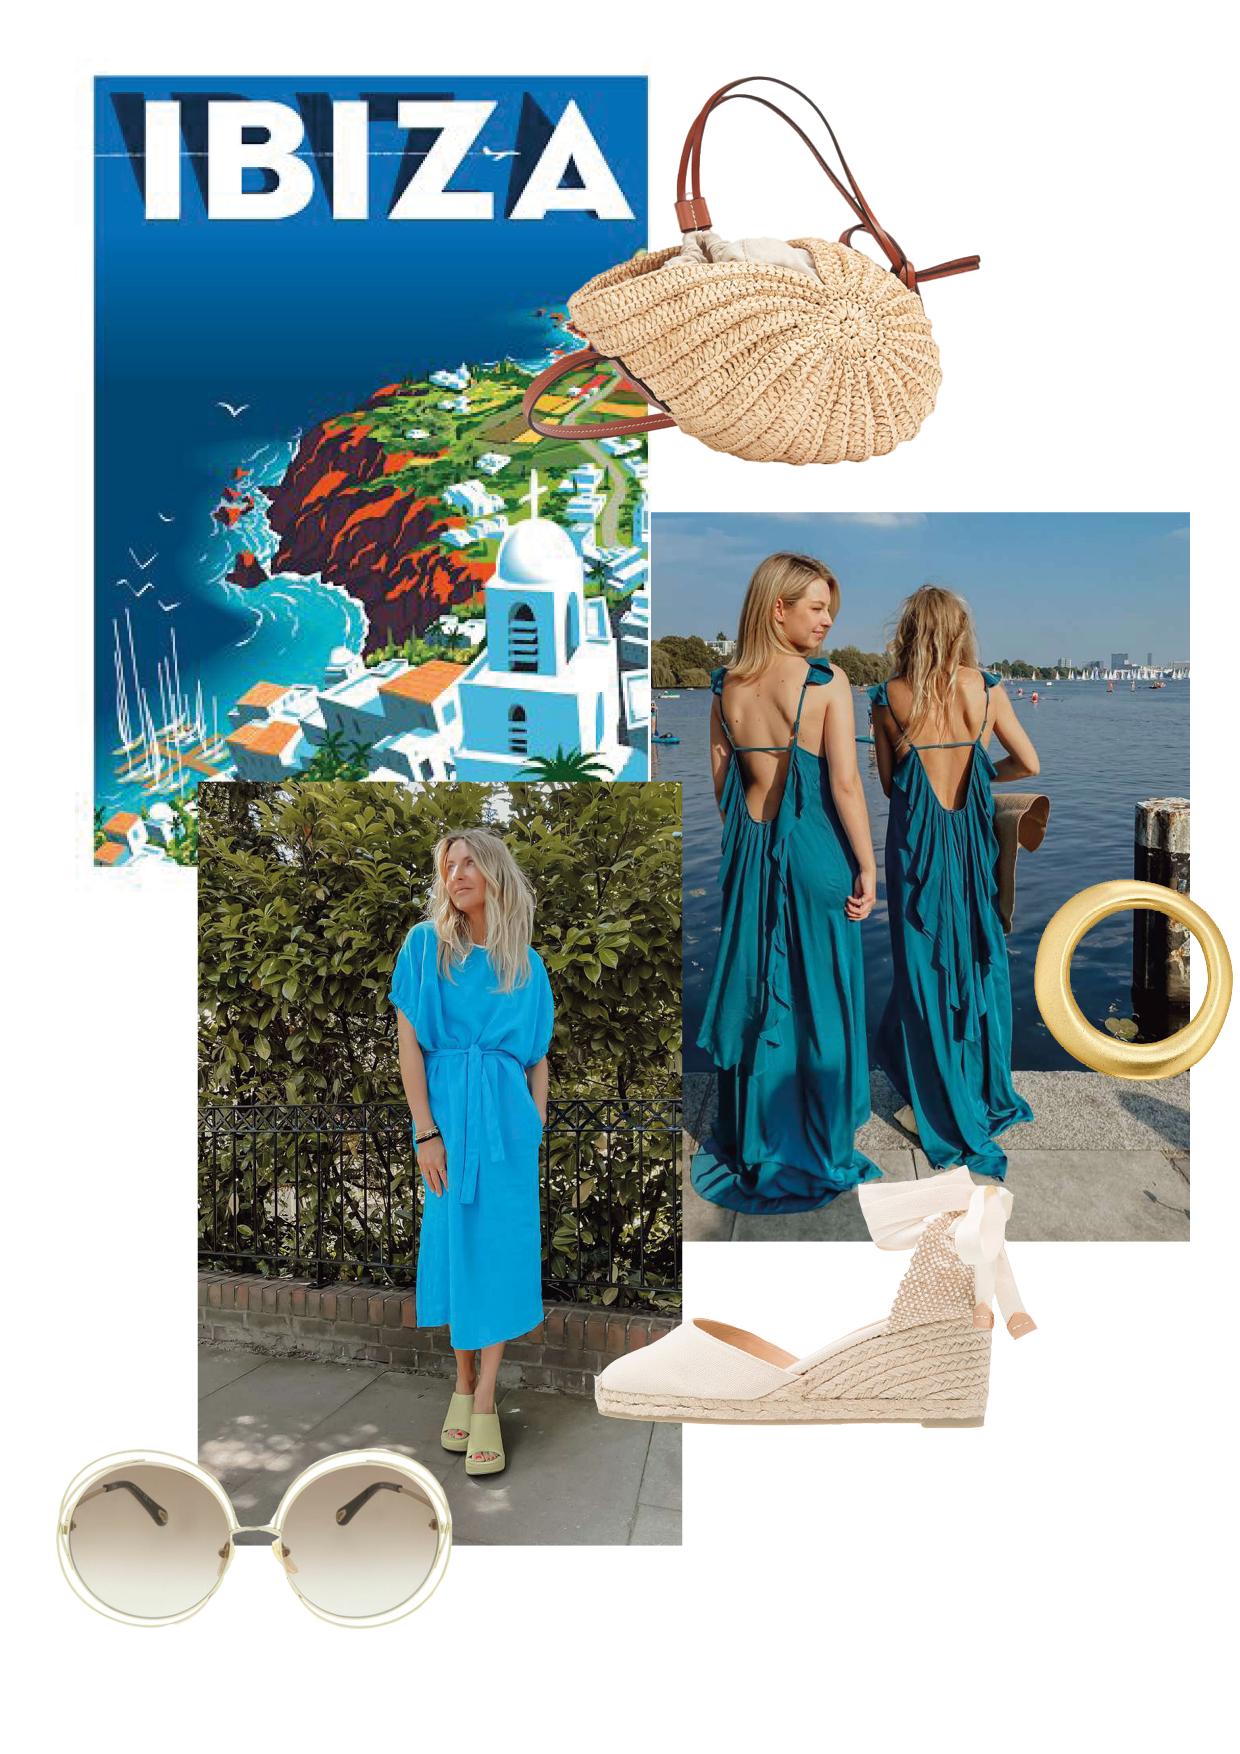 Kleid: SoSUE Misty Kleid: SoSUE Cowboy Fresco Sonnenbrille: Chloe Tasche: Loewe Schmuck: Marjana von Berlepsch